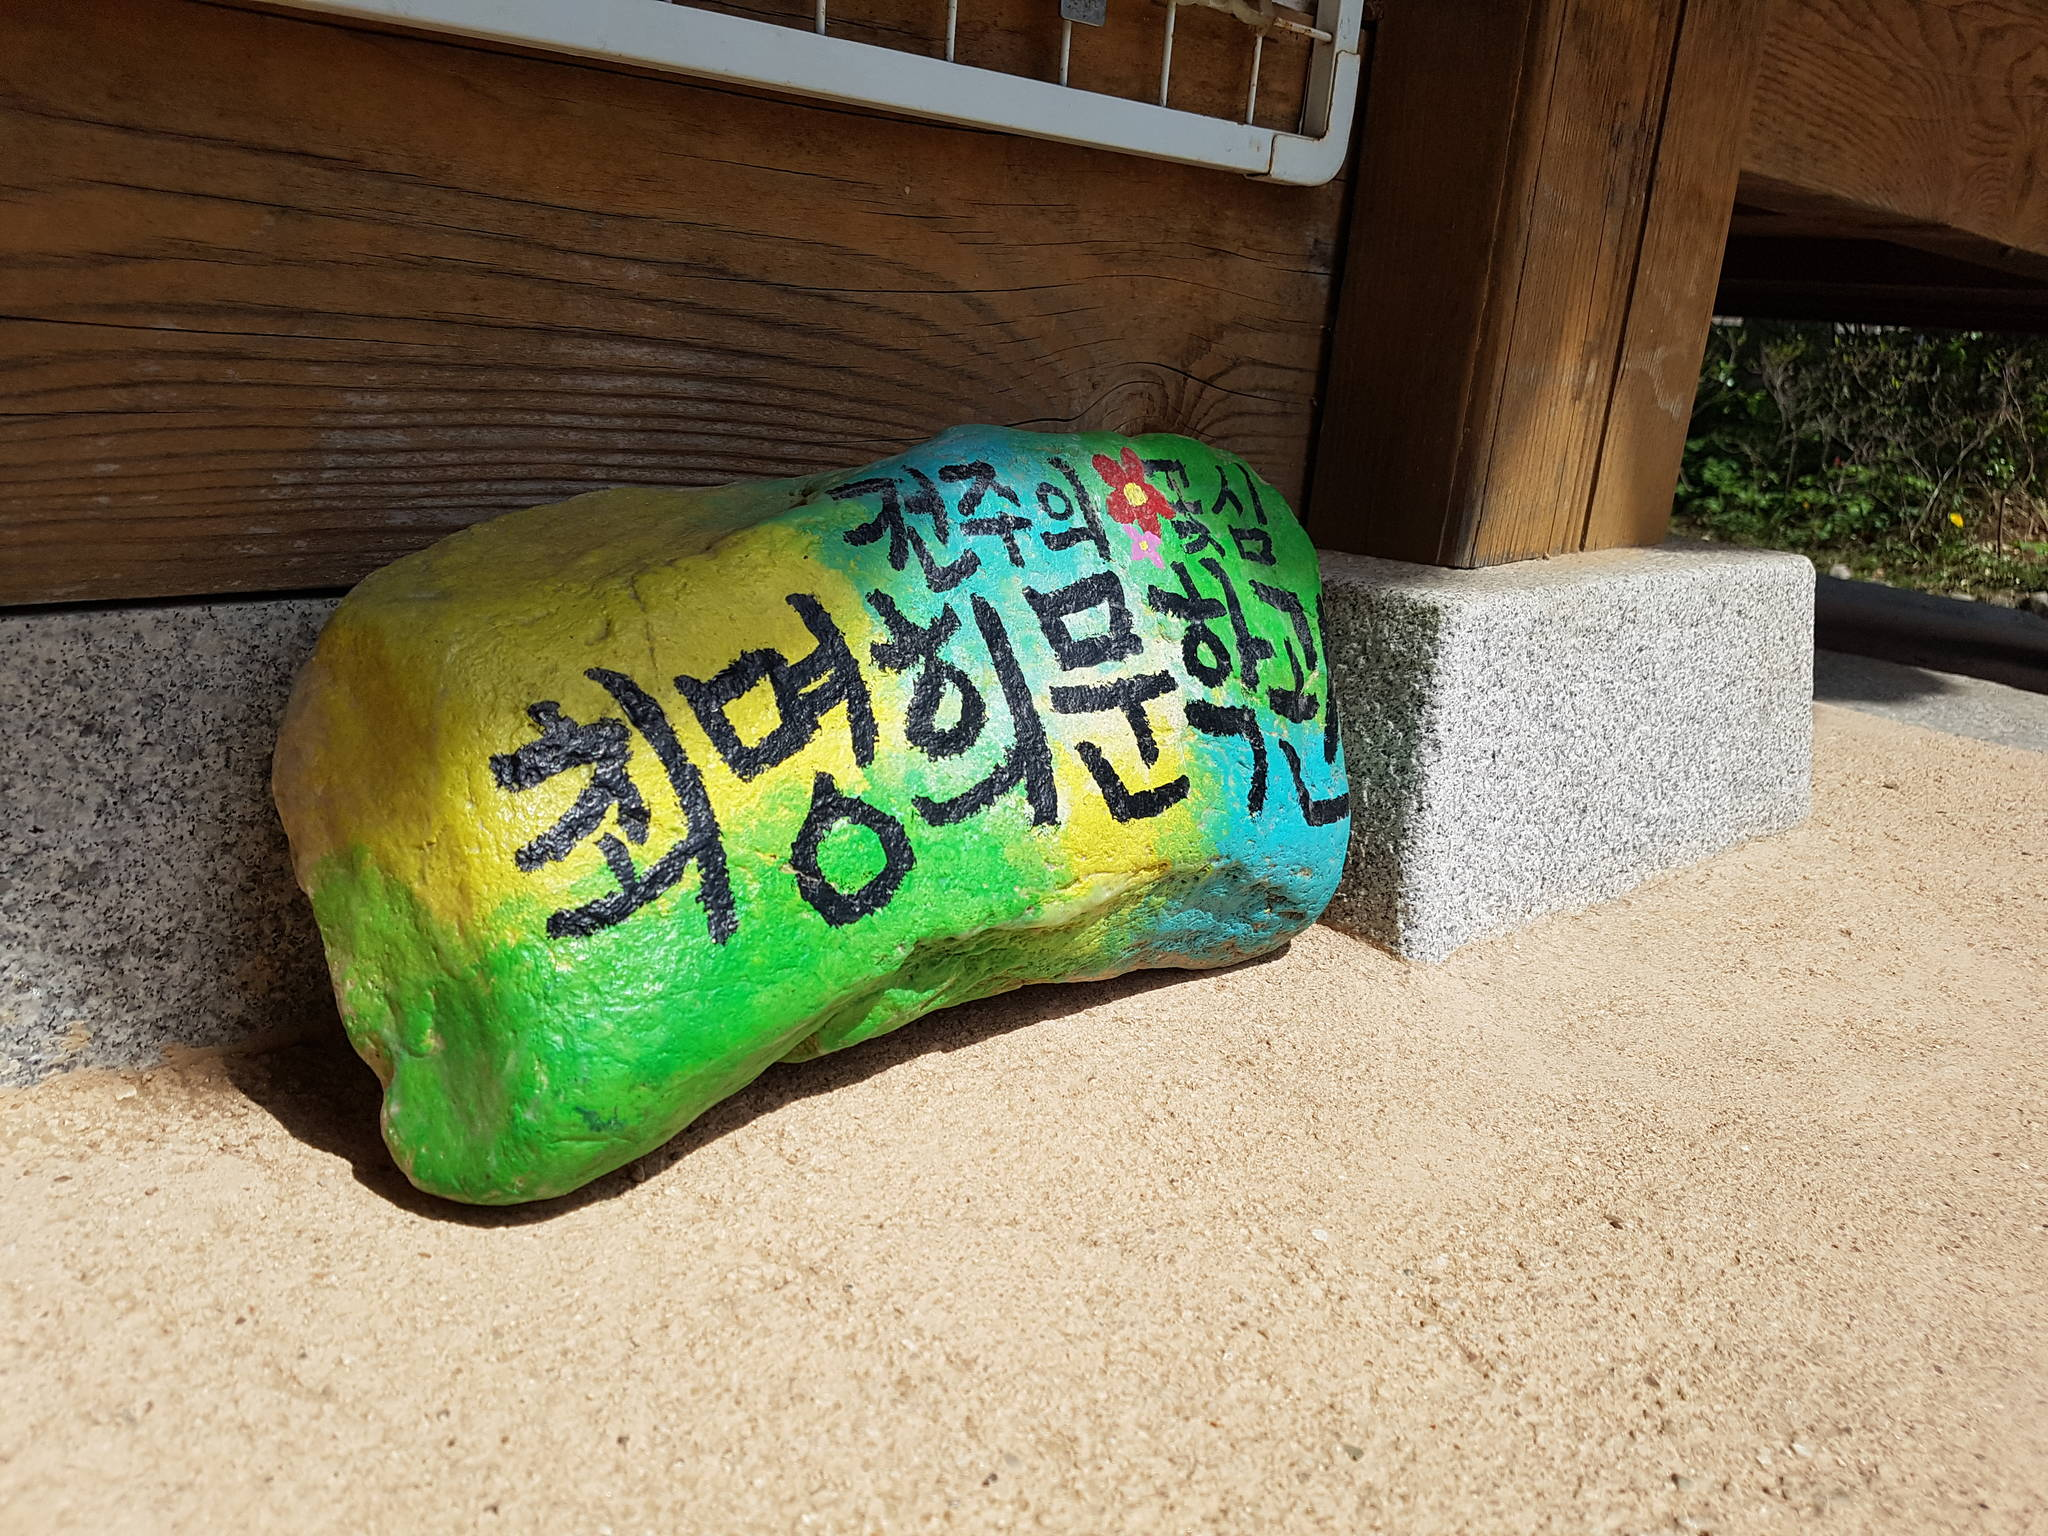 문학관 마당에 놓인 돌. 돌 하나에도 지역 예술가들의 솜씨가 배어 있다. 전주=김준희 기자